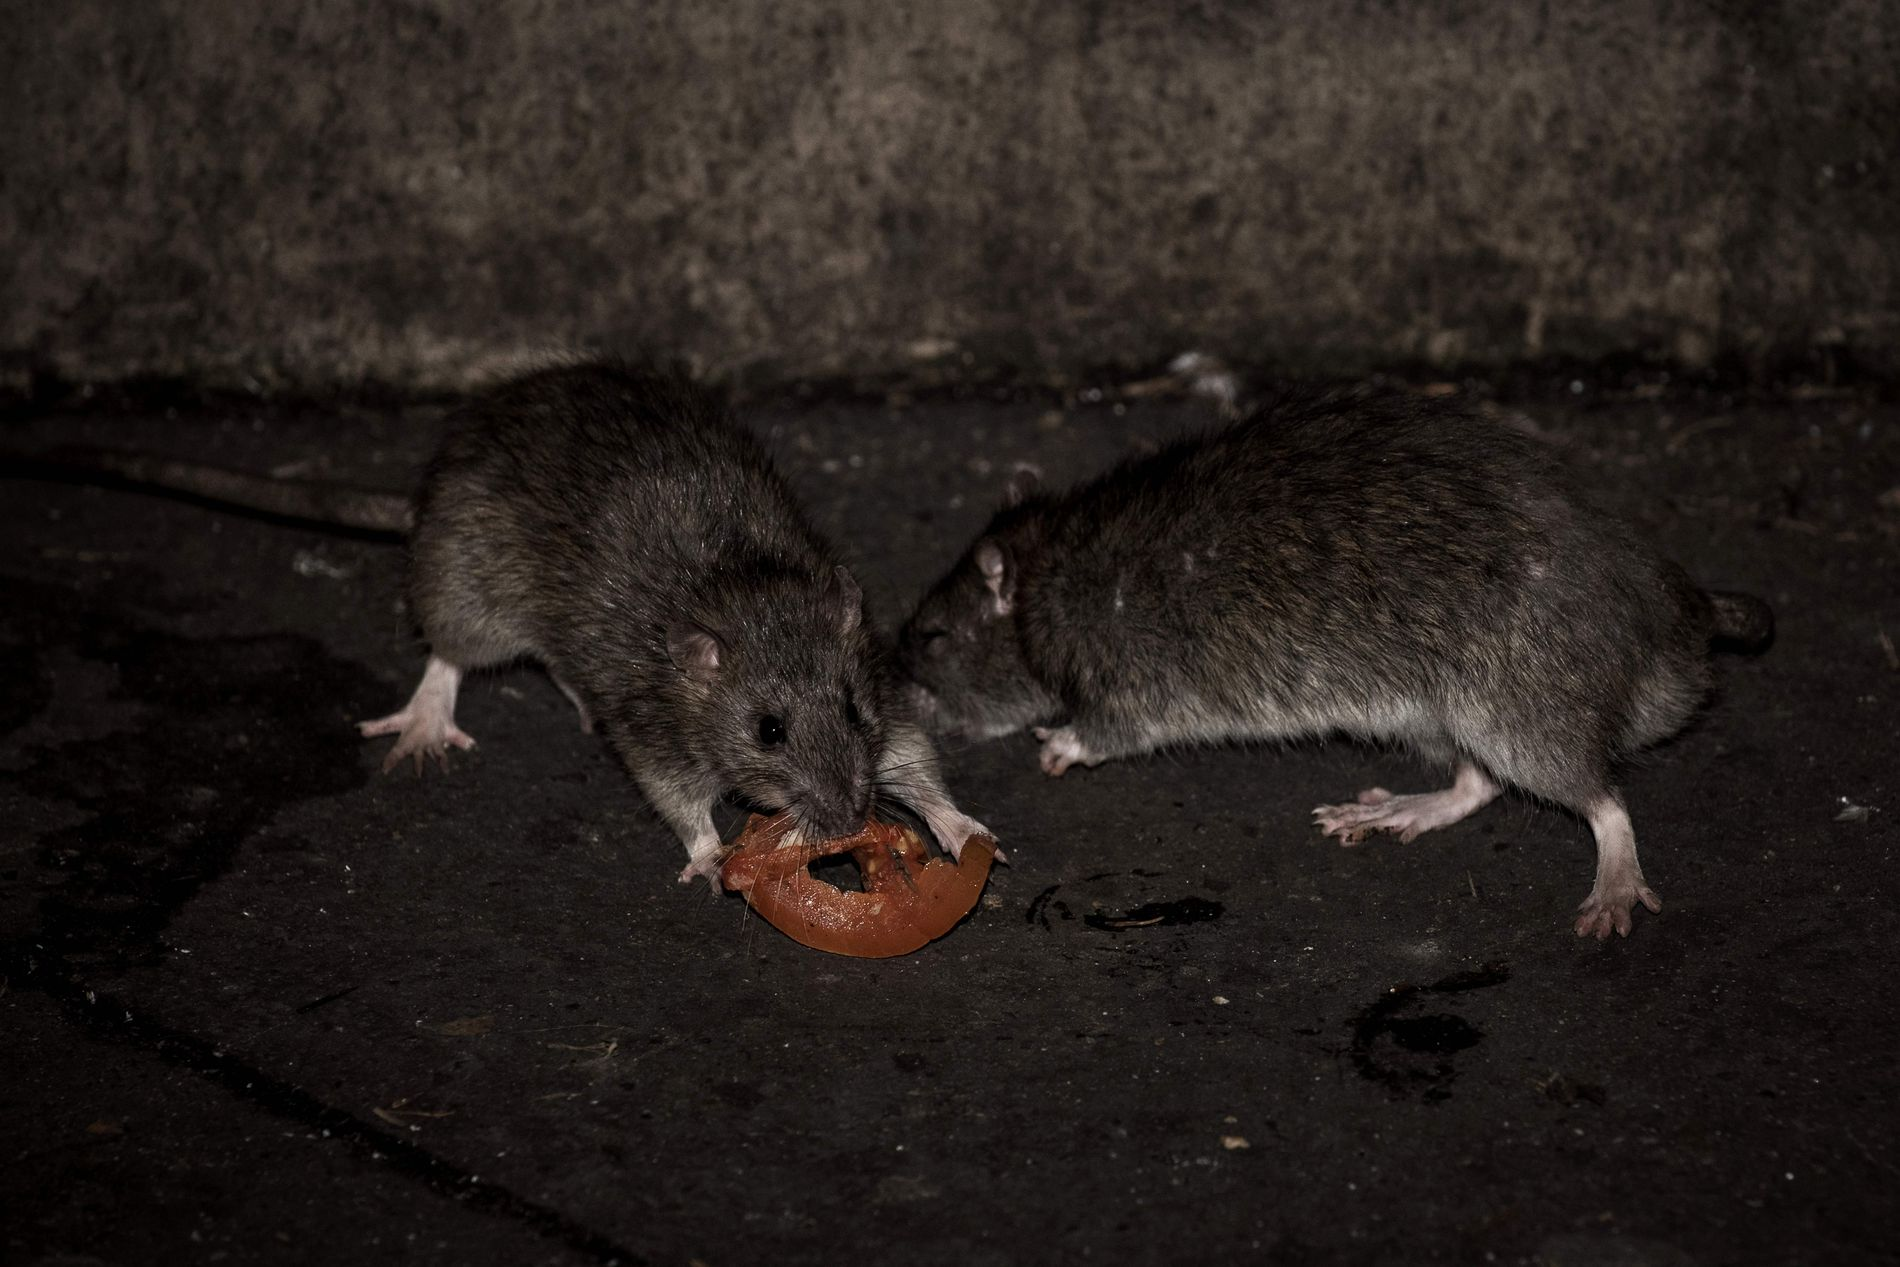 ROTTEANGREP: En lam jente i frankrike har store skader over hele kroppen etter at hun ble angrepet av rotter midt på natten.